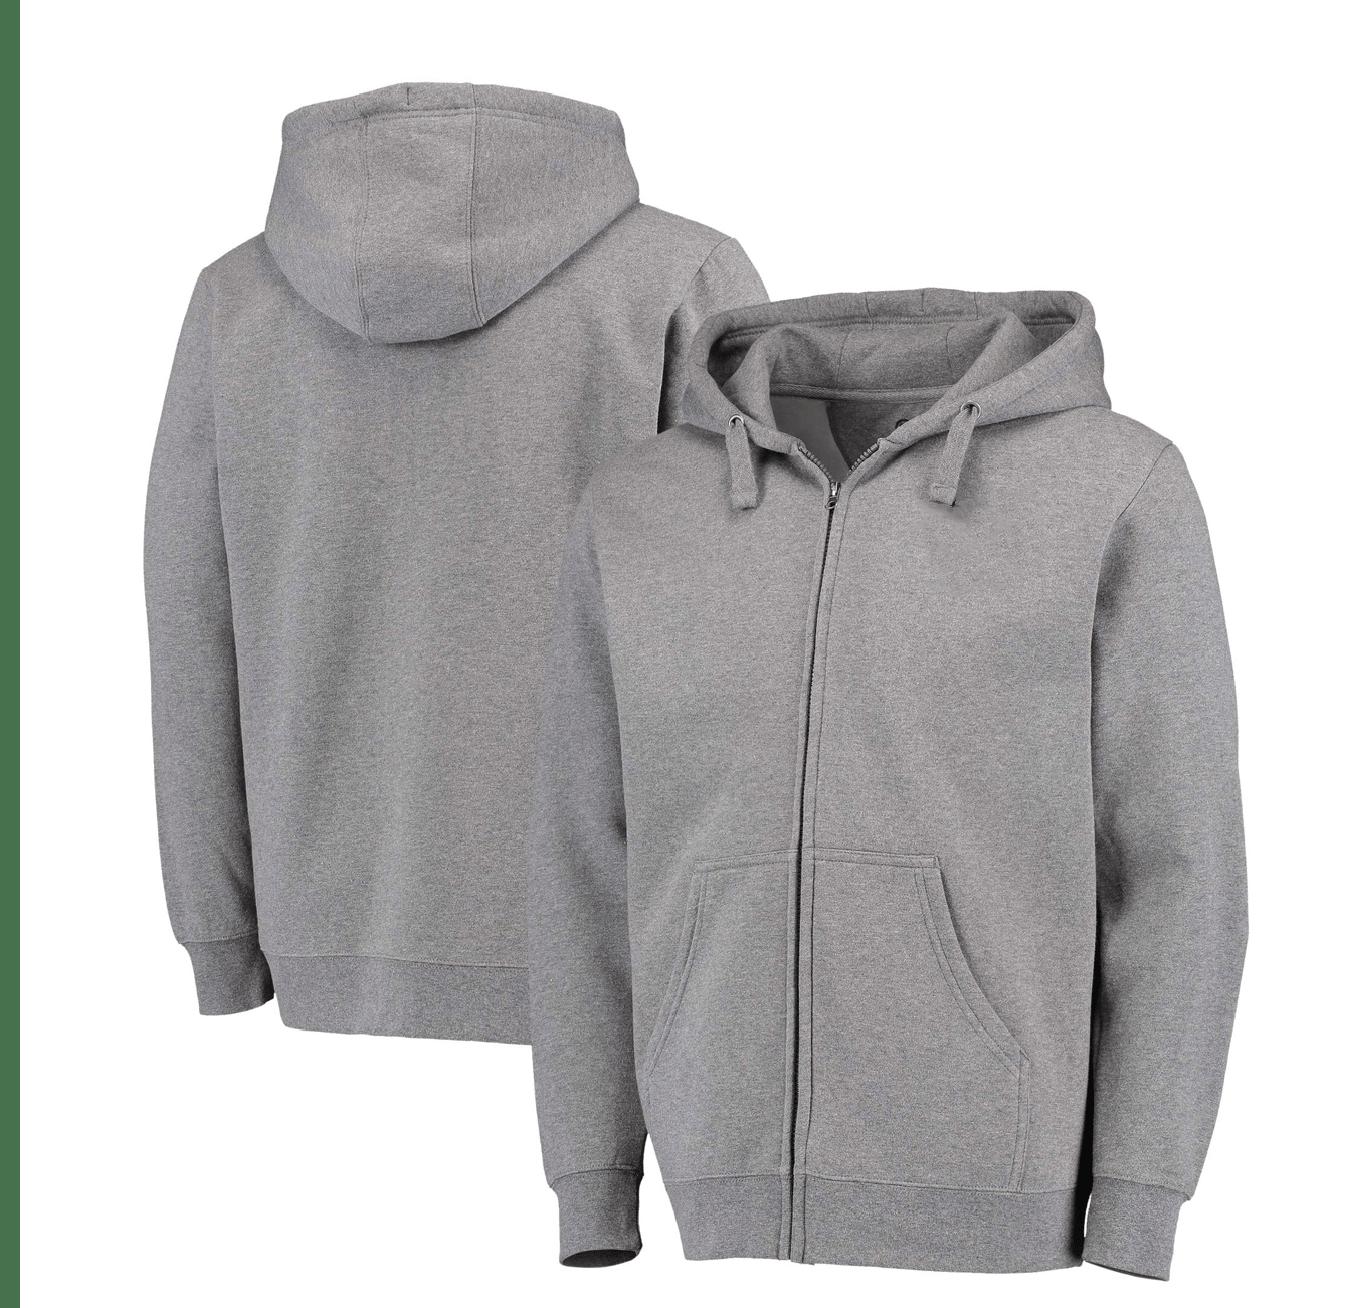 jaket hoodie grosir murah